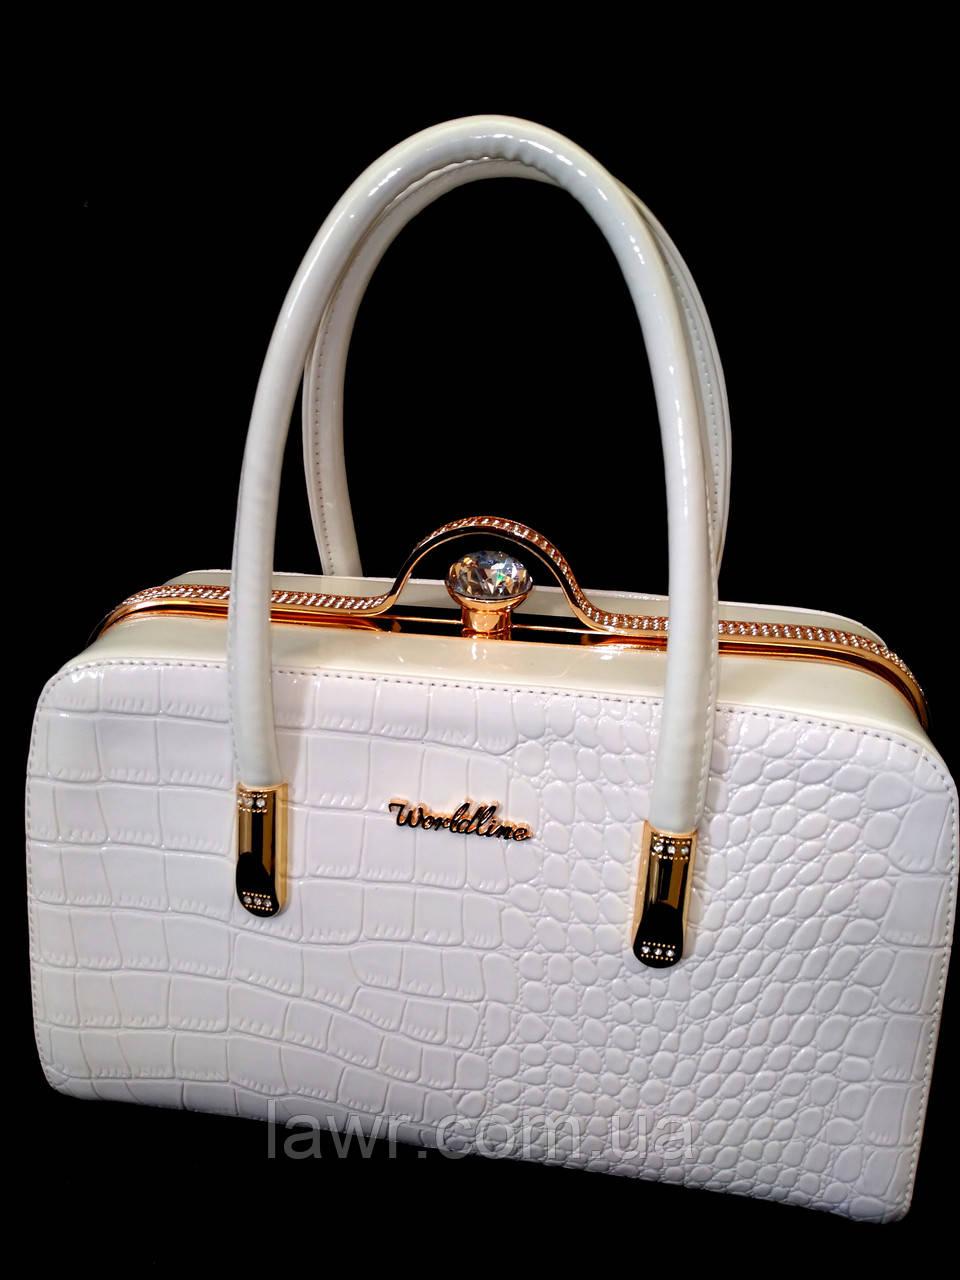 deb5c0018804 Стильная, лаковая женская сумка, саквояж, Willow, 000175 - Интернет-магазин